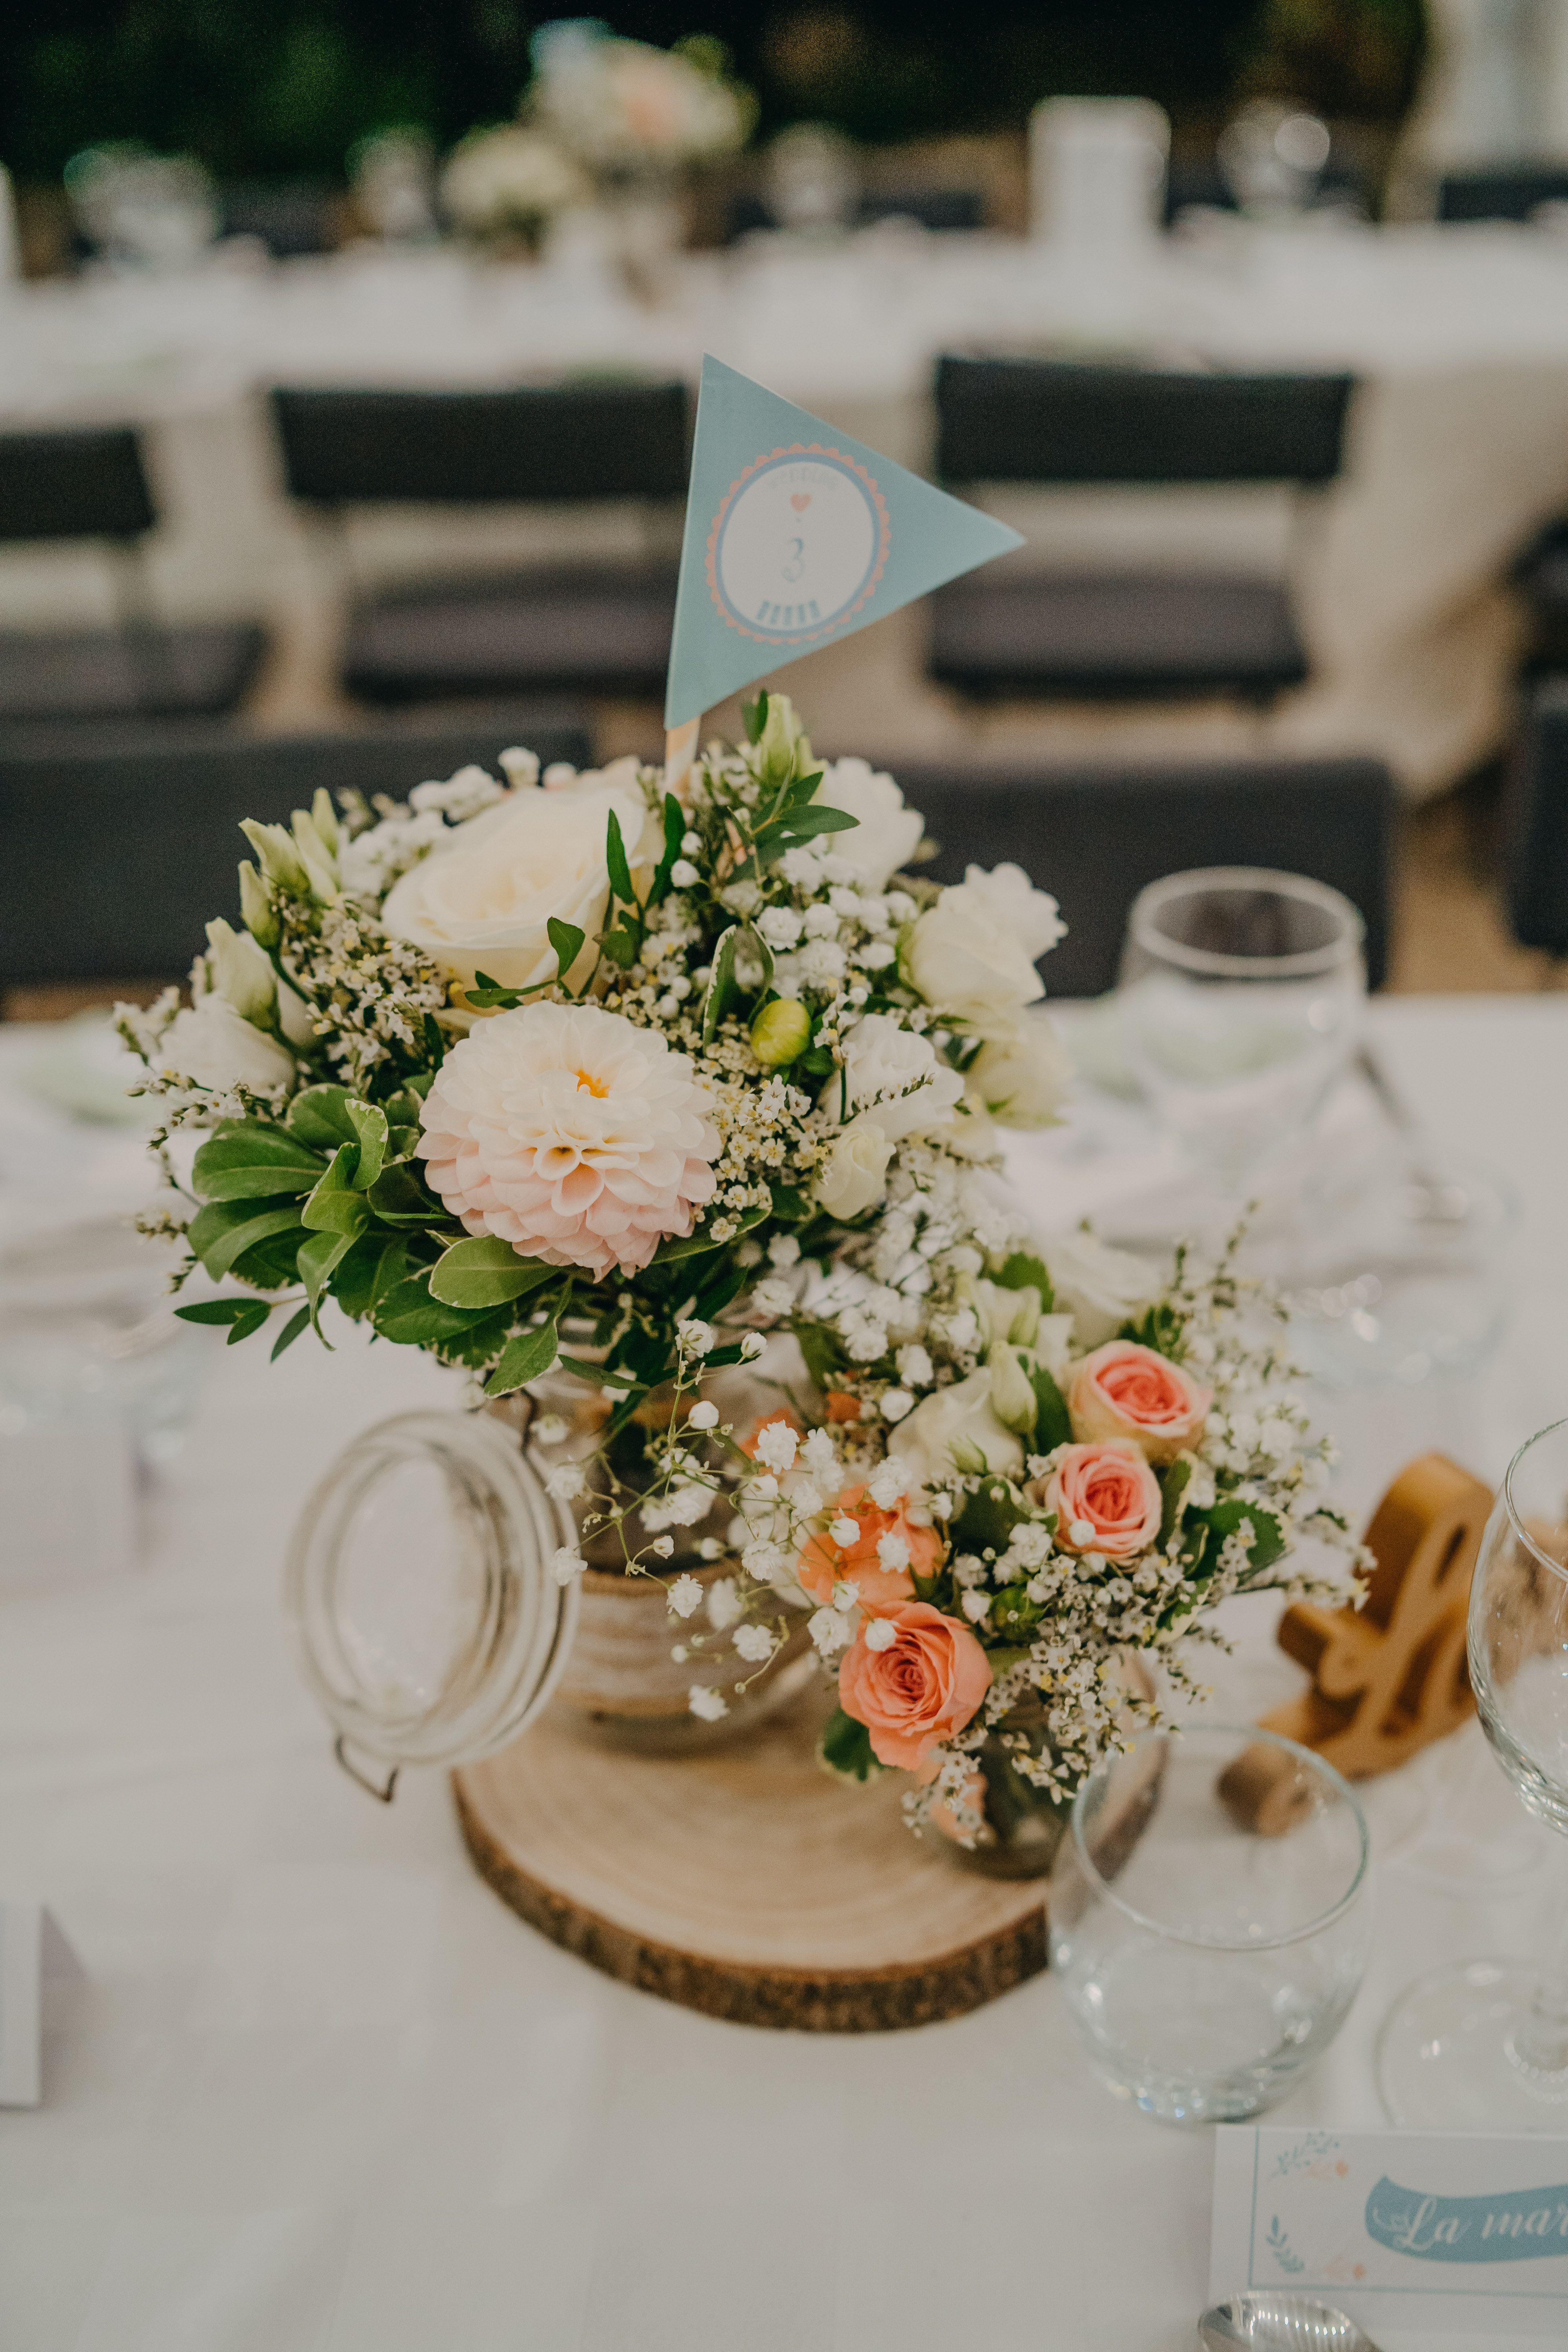 Centre De Table Mariage Bouquet Champetre Realisation Numero De Table Drapeau Wedding Decor Centre De Table Mariage Deco Table Mariage Numeros De Table